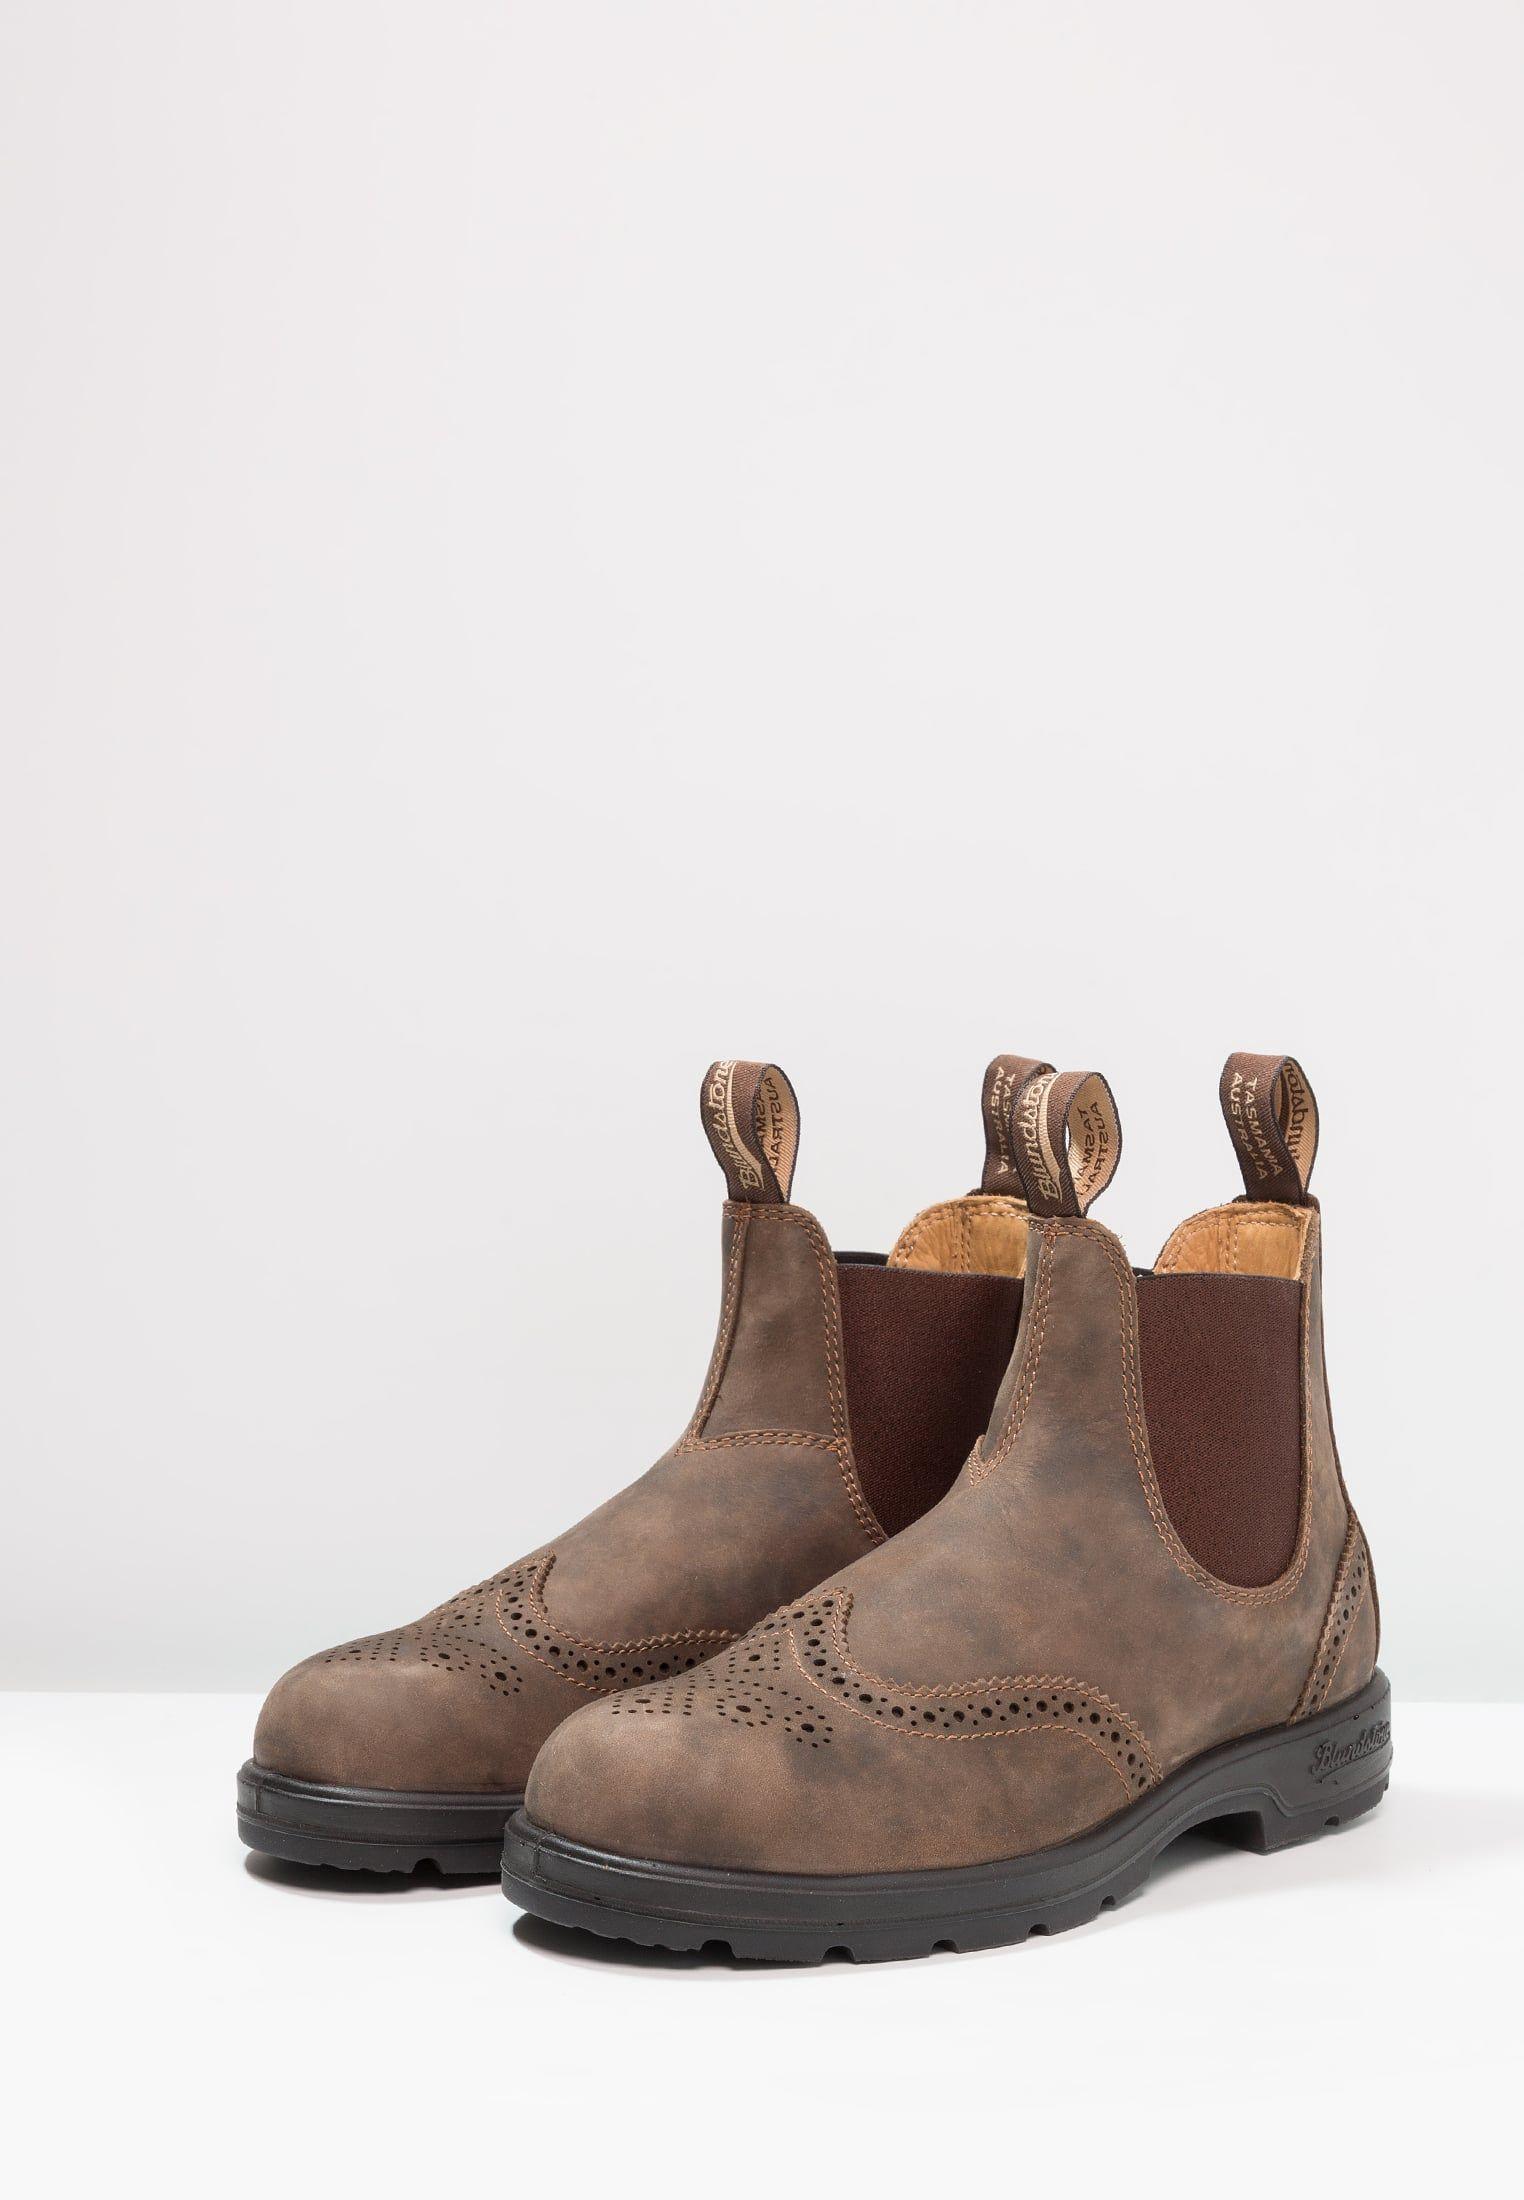 Blundstone CLASSIC WINGCAP - Stivaletti - rustic brown - Zalando.it